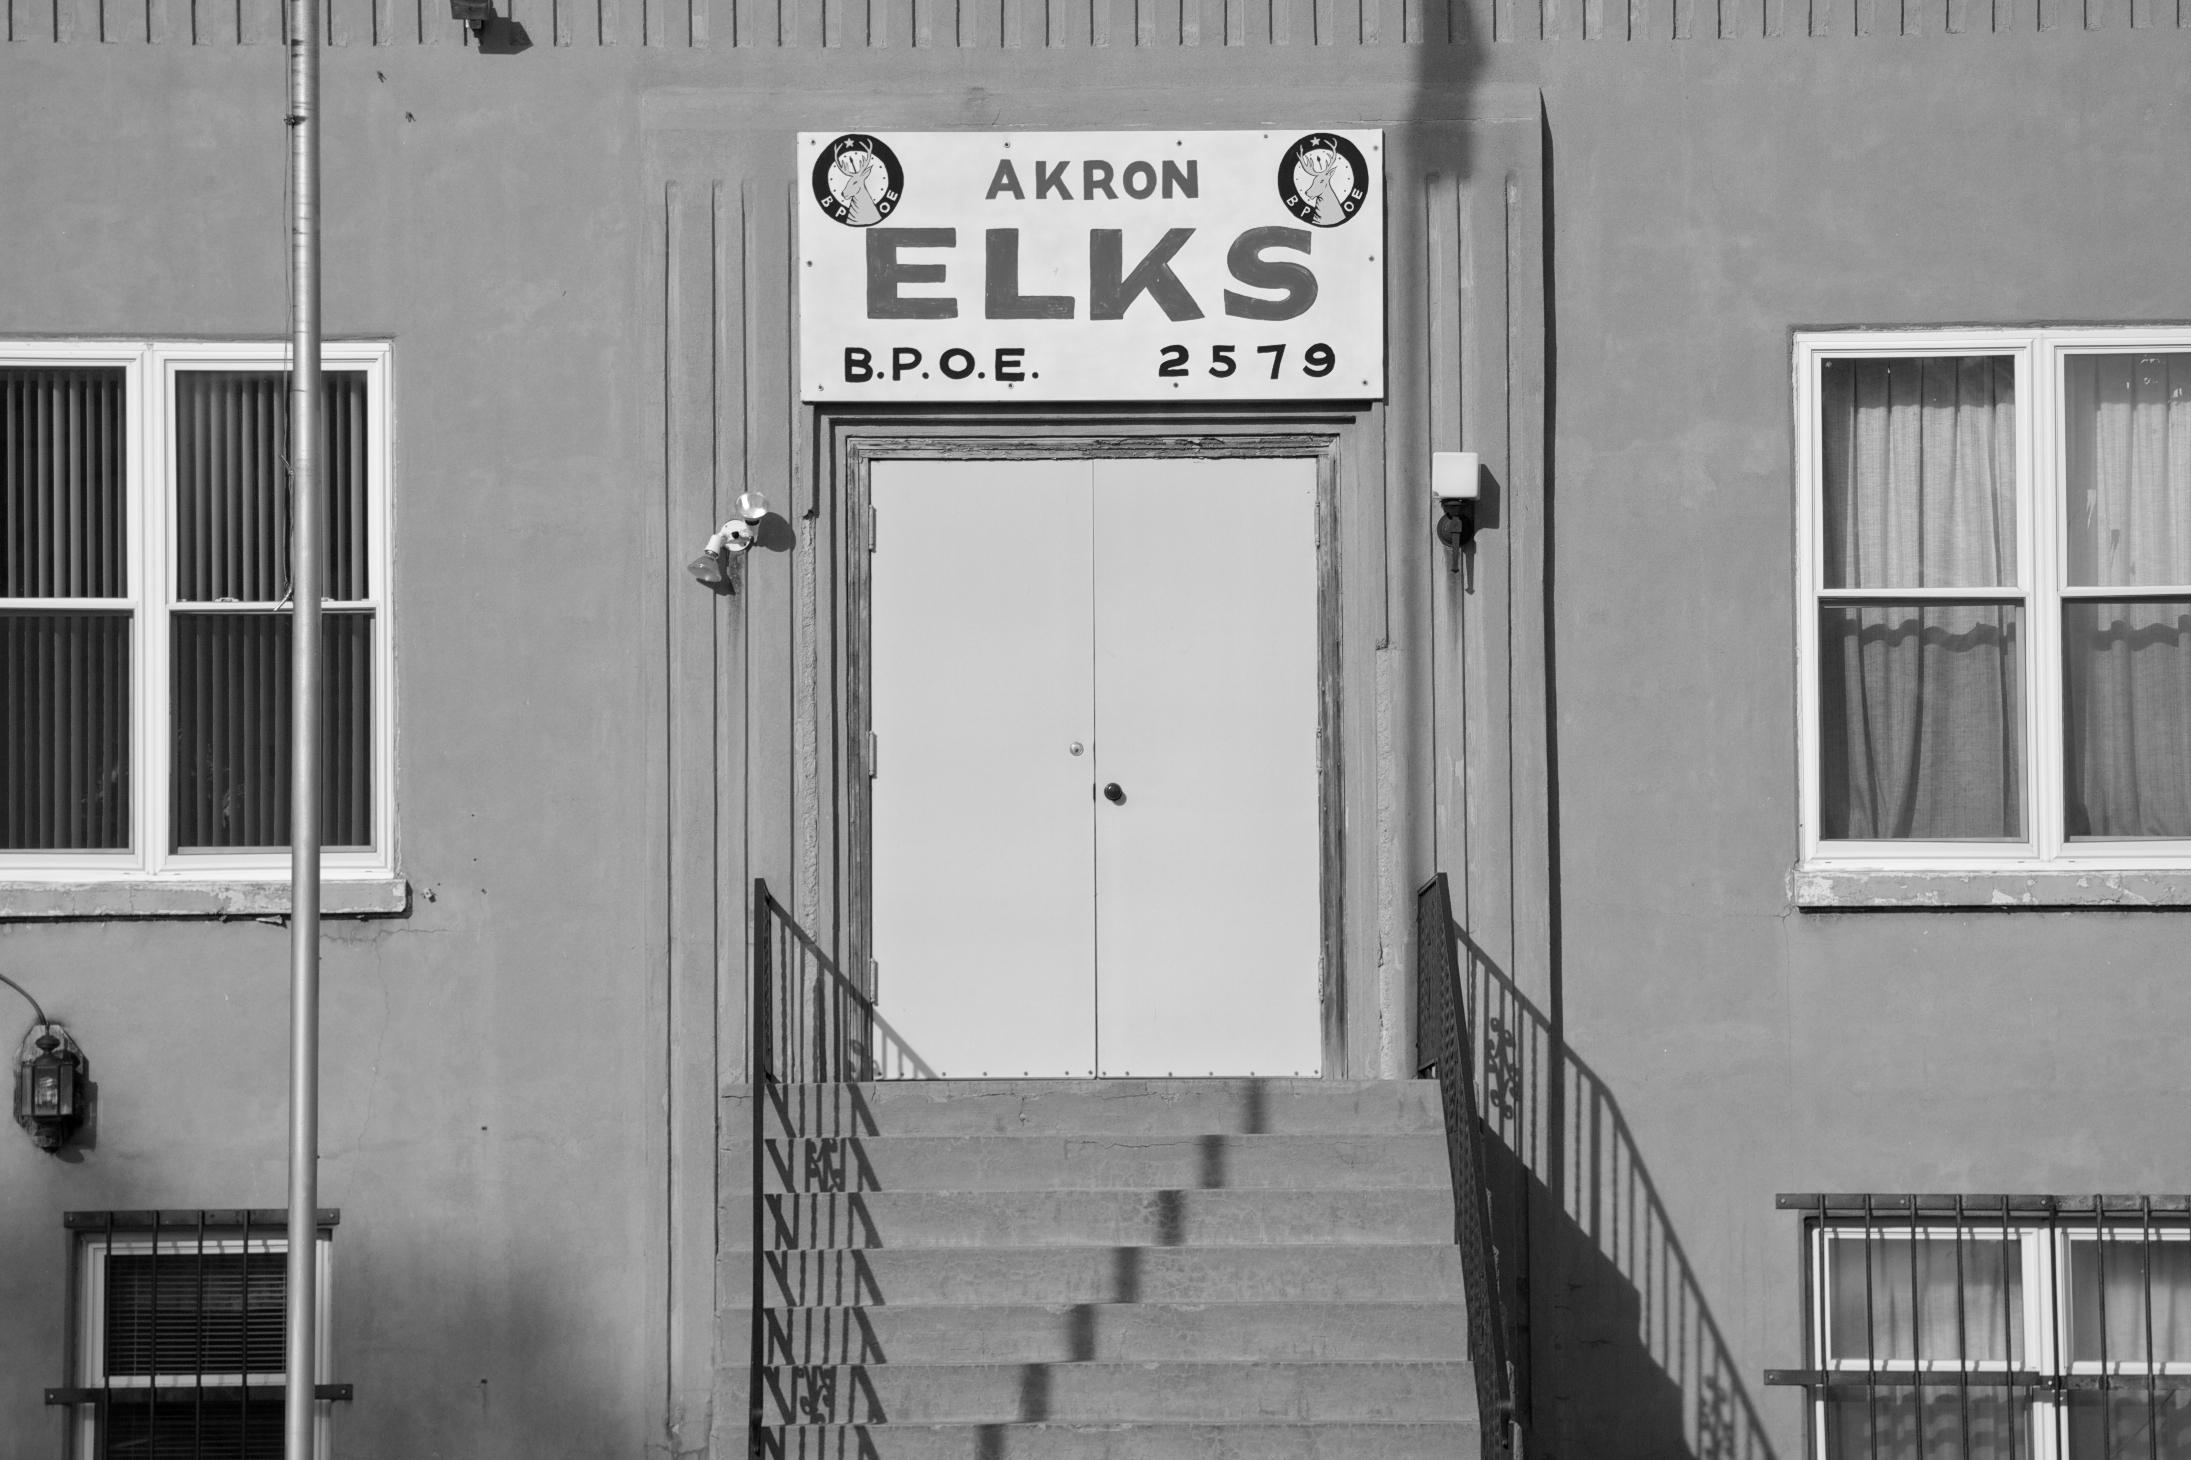 Akron Elks